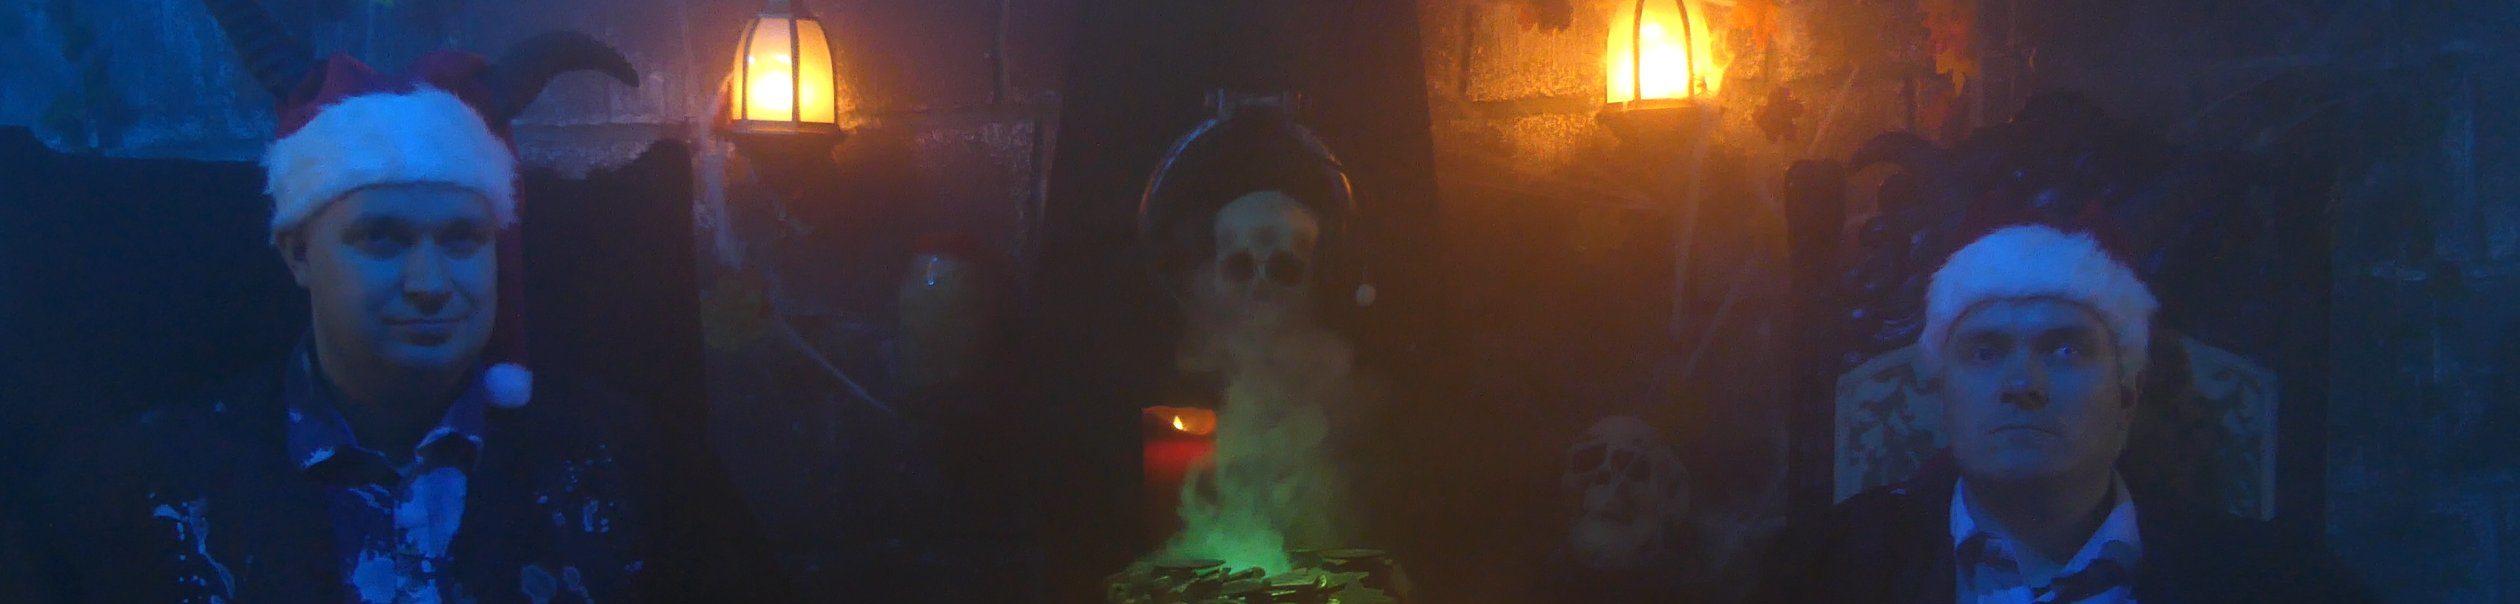 Hörspielkammer des Schreckens 11: Dreamland Grusel 8 – Mörderische Weihnachten (Dreamland Productions)